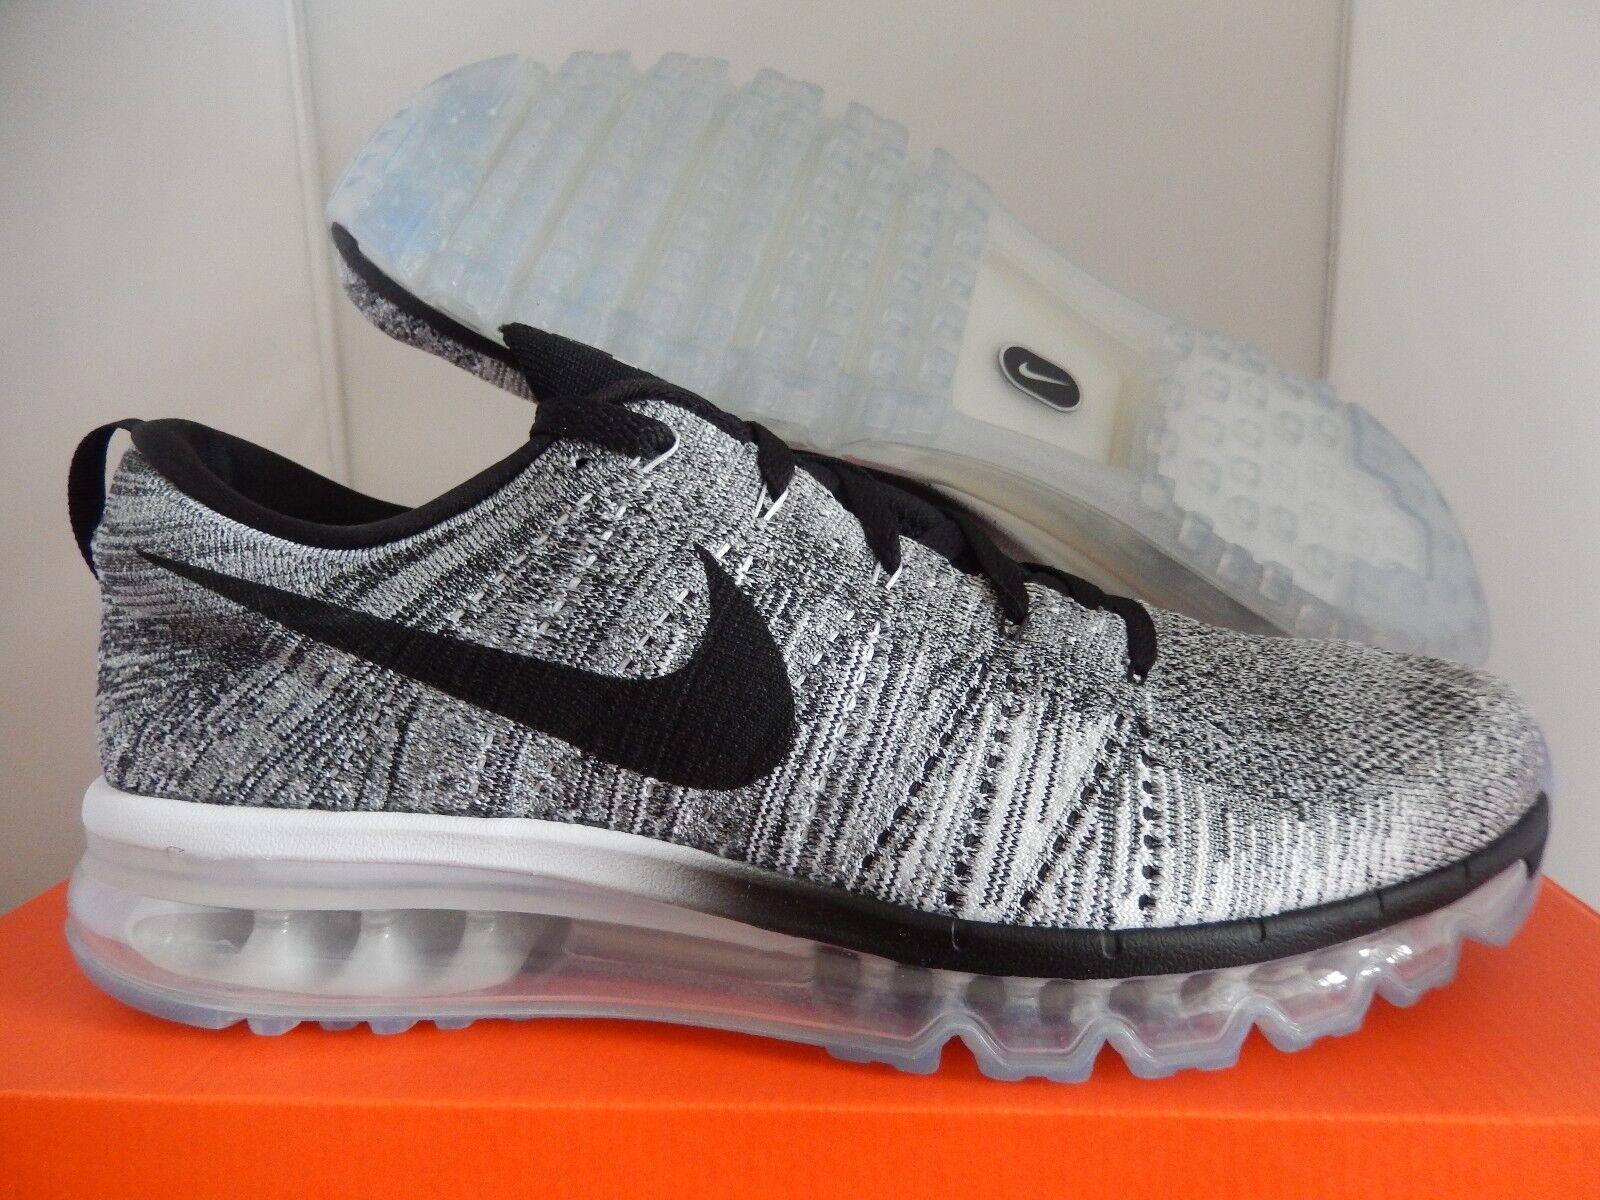 Nike flyknit max white-nero-cool grey-wolf grey sz oreo raro![620469-102]